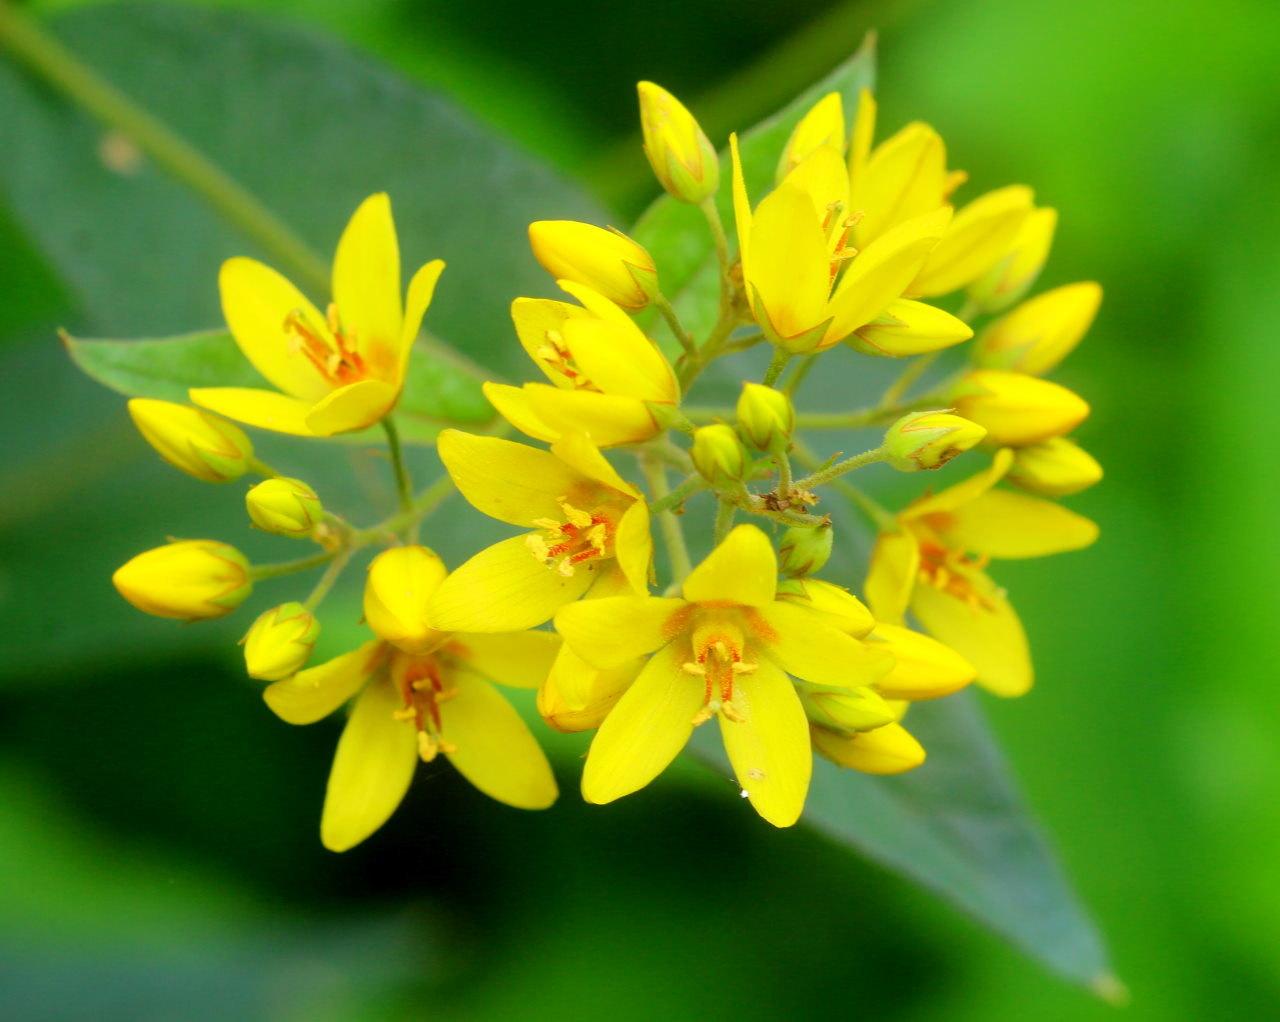 梅雨さ中 またまたレイクガーデンで花や虫_c0305565_18002283.jpg